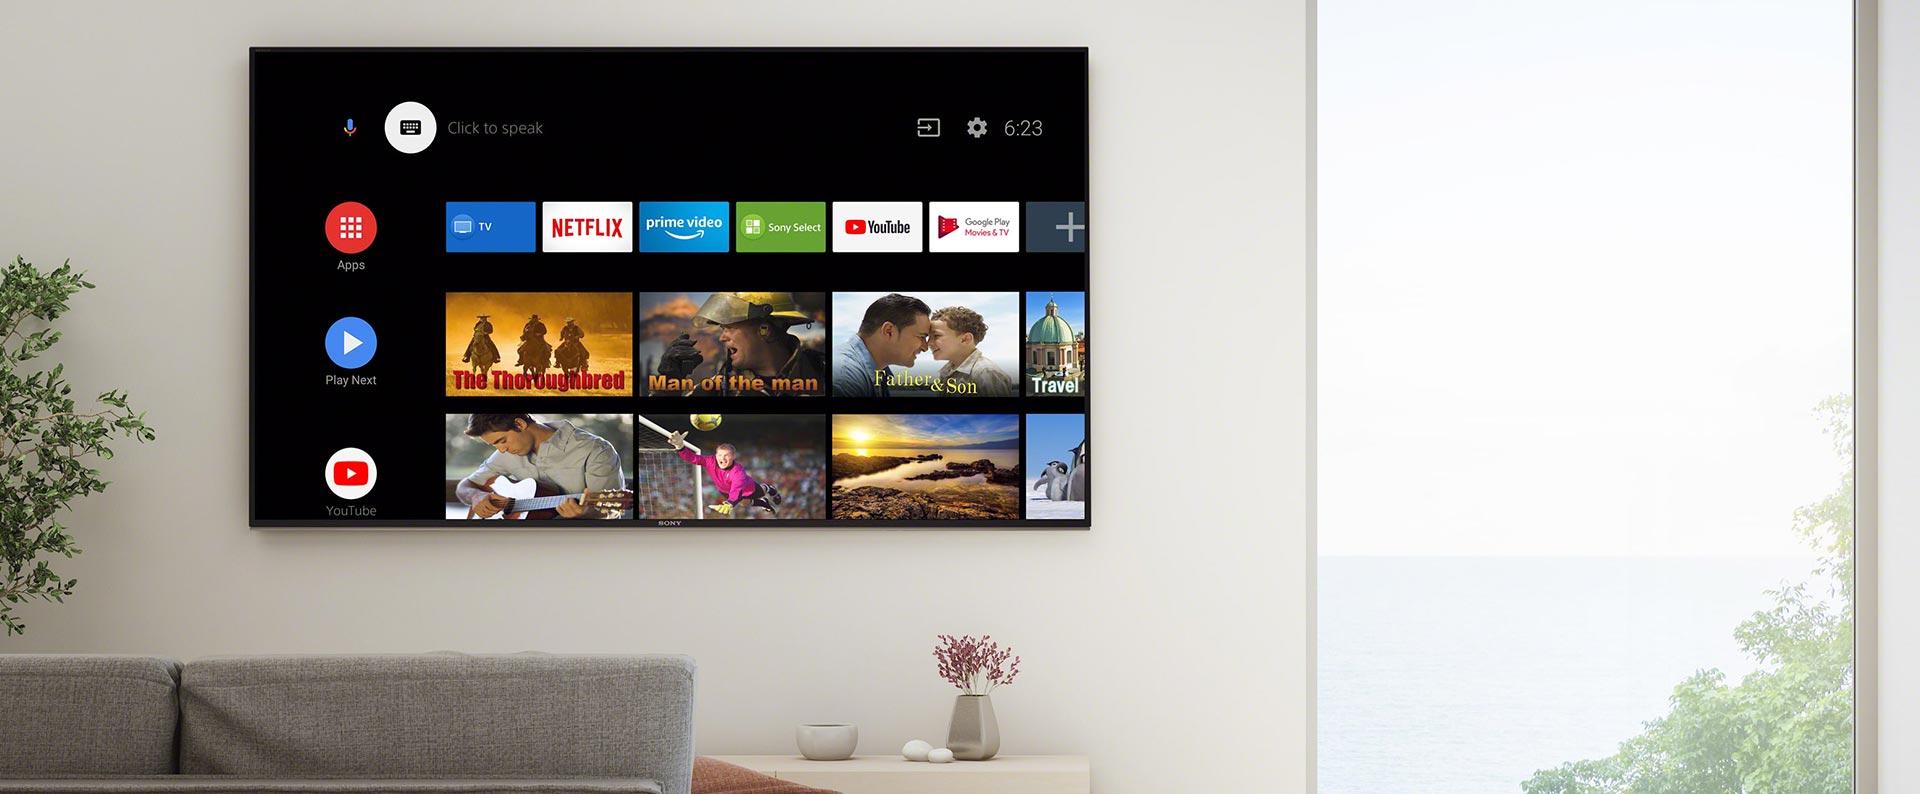 تلویزیون 49 اینچ سونی مدل 49X7500H